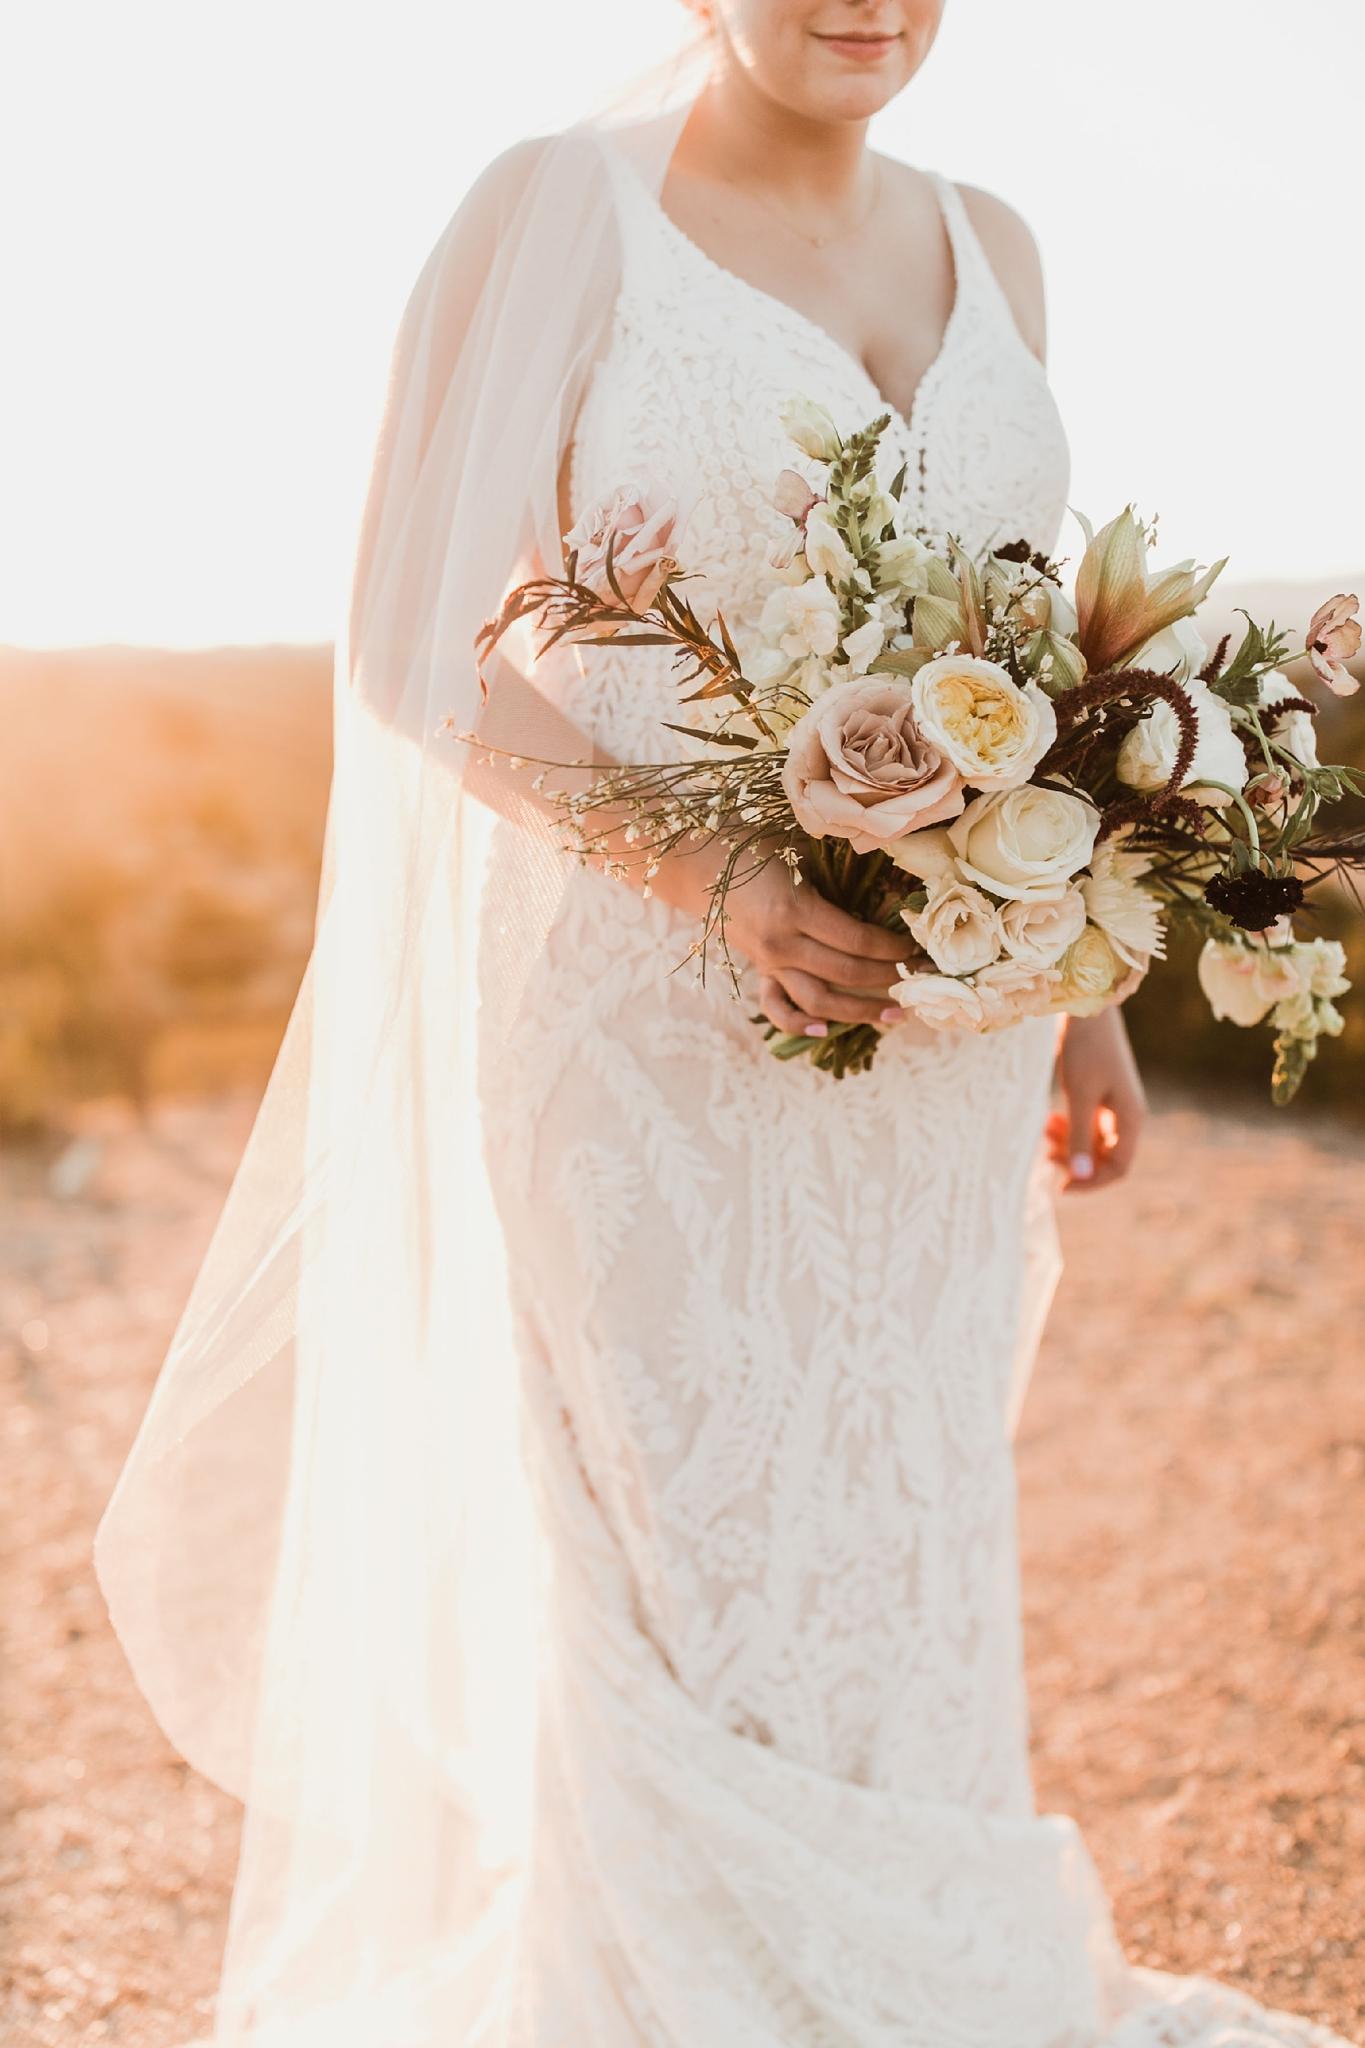 Alicia+lucia+photography+-+albuquerque+wedding+photographer+-+santa+fe+wedding+photography+-+new+mexico+wedding+photographer+-+new+mexico+wedding+-+new+mexico+florist+-+floriography+flowers+-+floriography+flowers+new+mexico+-+wedding+florist_0026.jpg